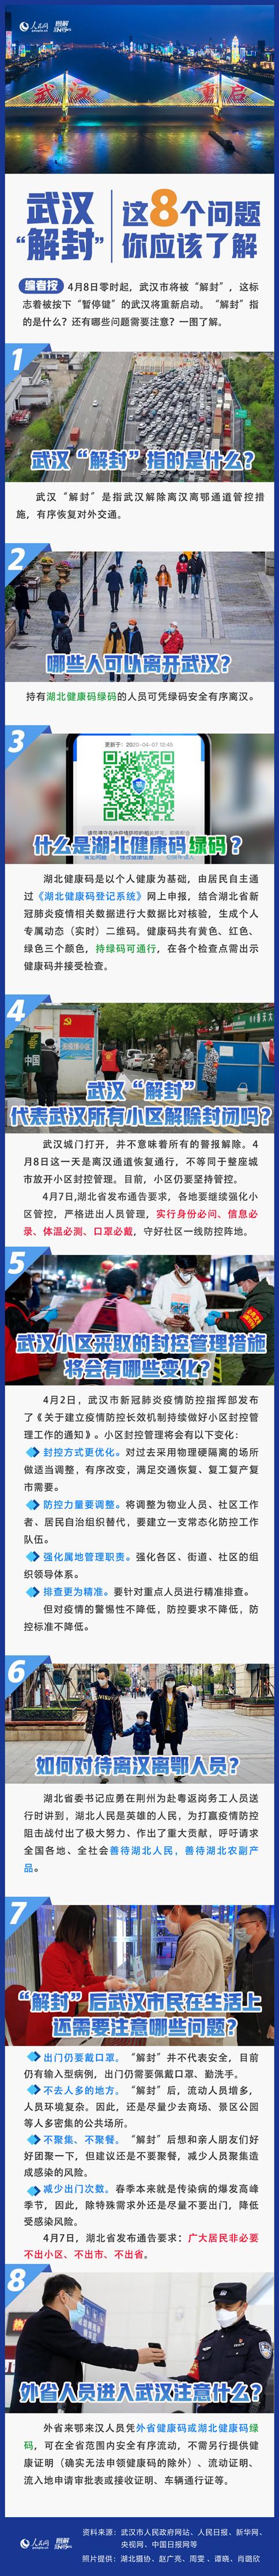 """公务员考试时政:武汉""""解封"""" 这8个问题你应该了解"""